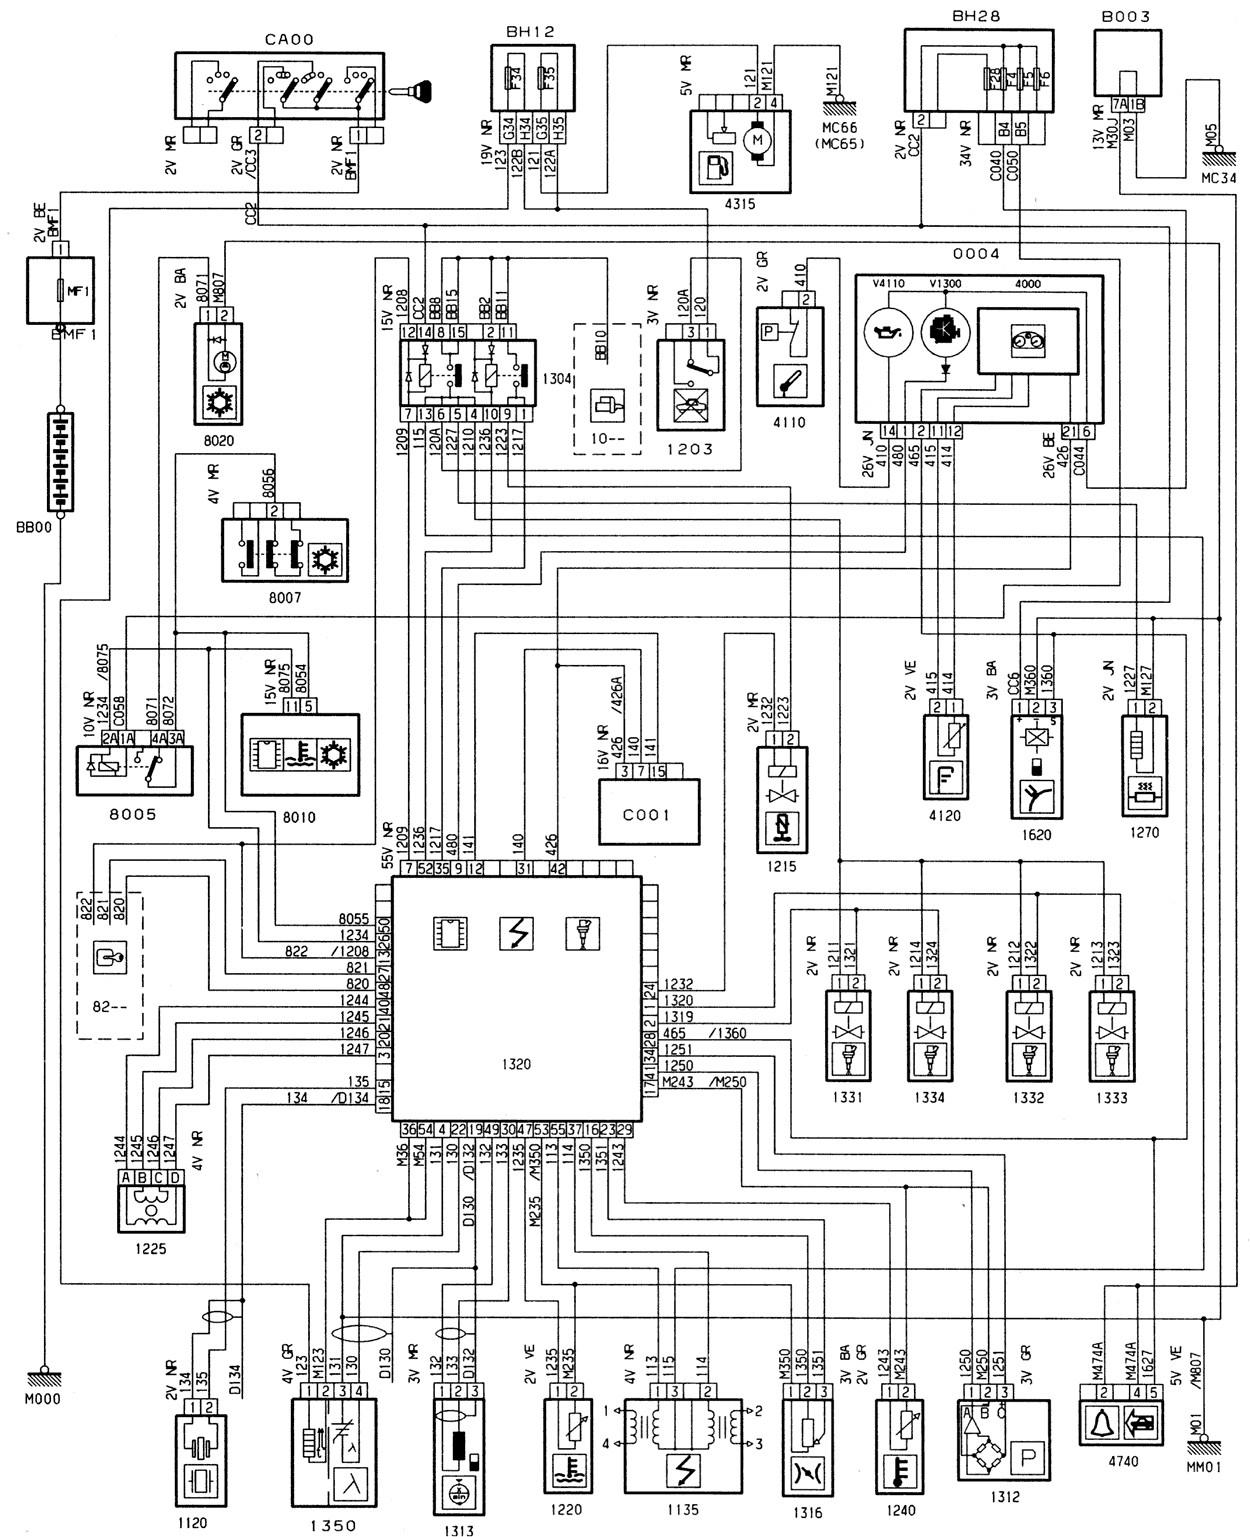 Schema electrique ventilation    peugeot    406  boisecoconceptfr